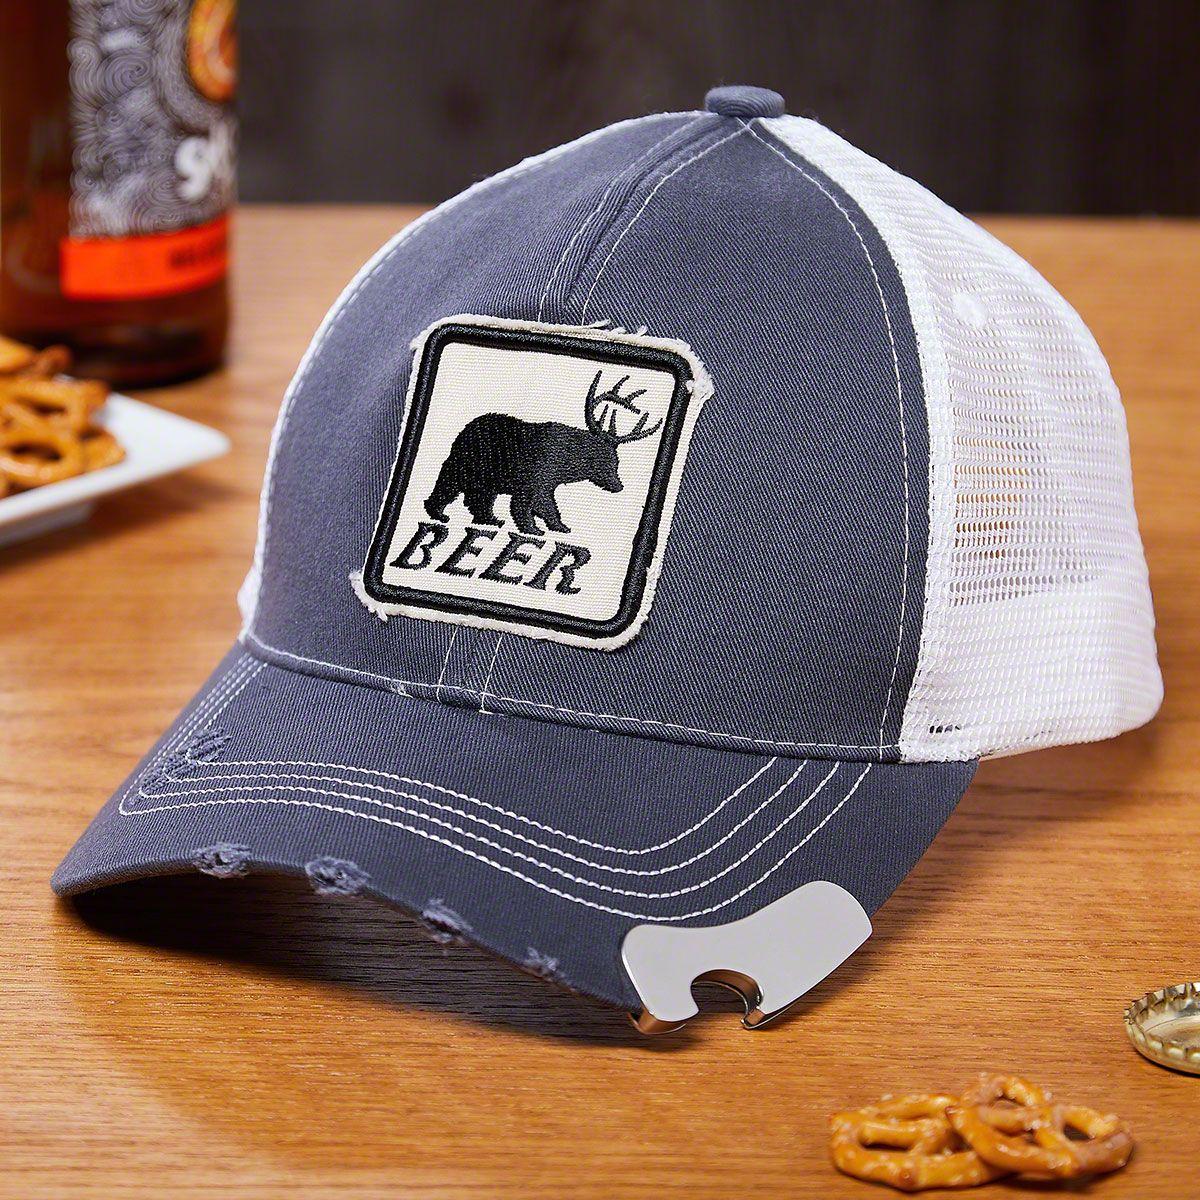 Bear Beer Deer Baseball Cap Bottle Opener